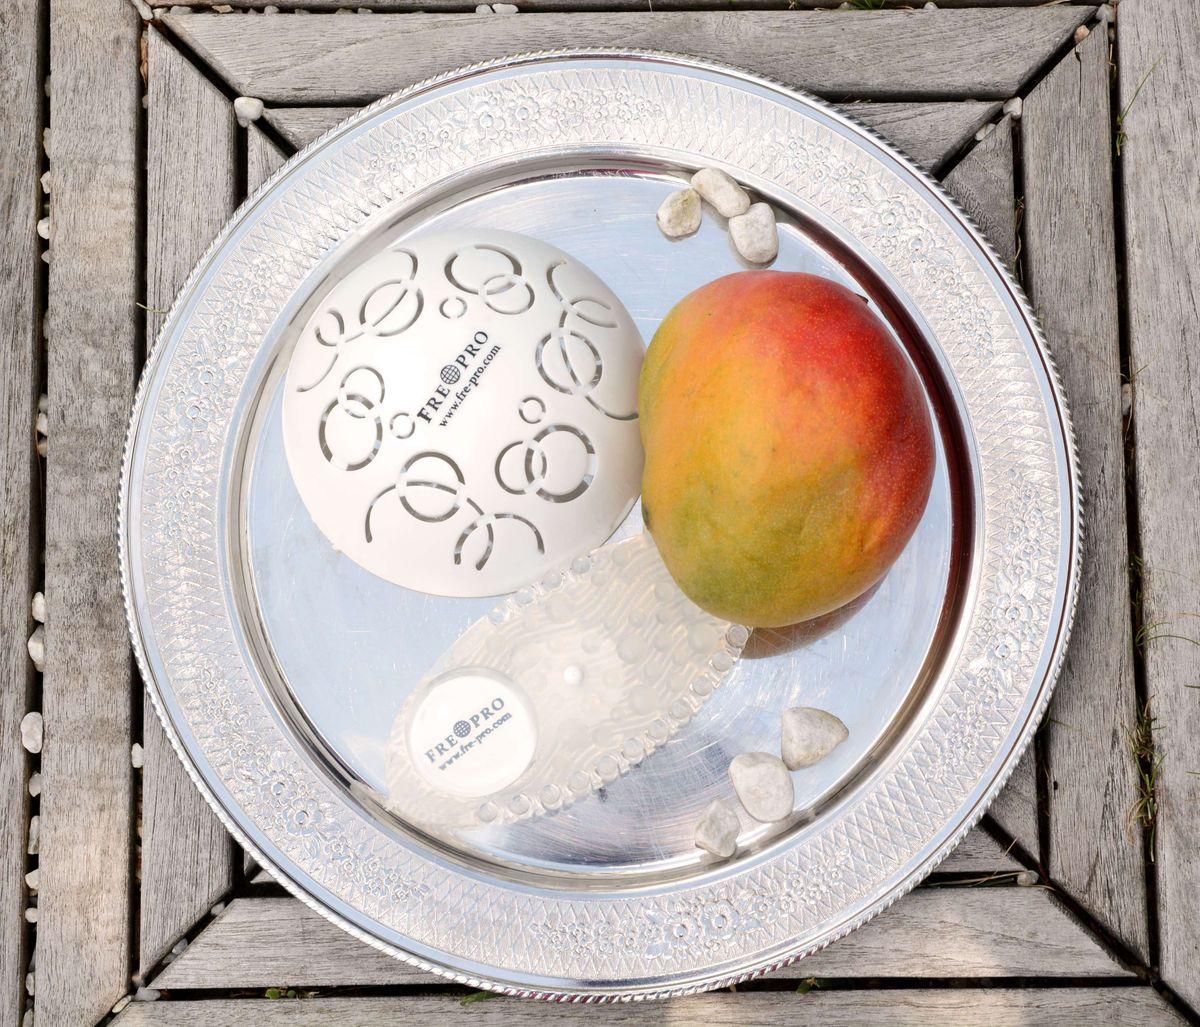 Easy Fresh 2.0, Duftabdeckung, austauschbare Duftdeckeleinheit, Geruchsneutralisator, rund / Halbkugel offen / mit Belüftungsöffnungen, weiß / white, Mango, wohlriechend, 30 Tage konstante Duftintensität, 100 % recyclebar – Bild 8